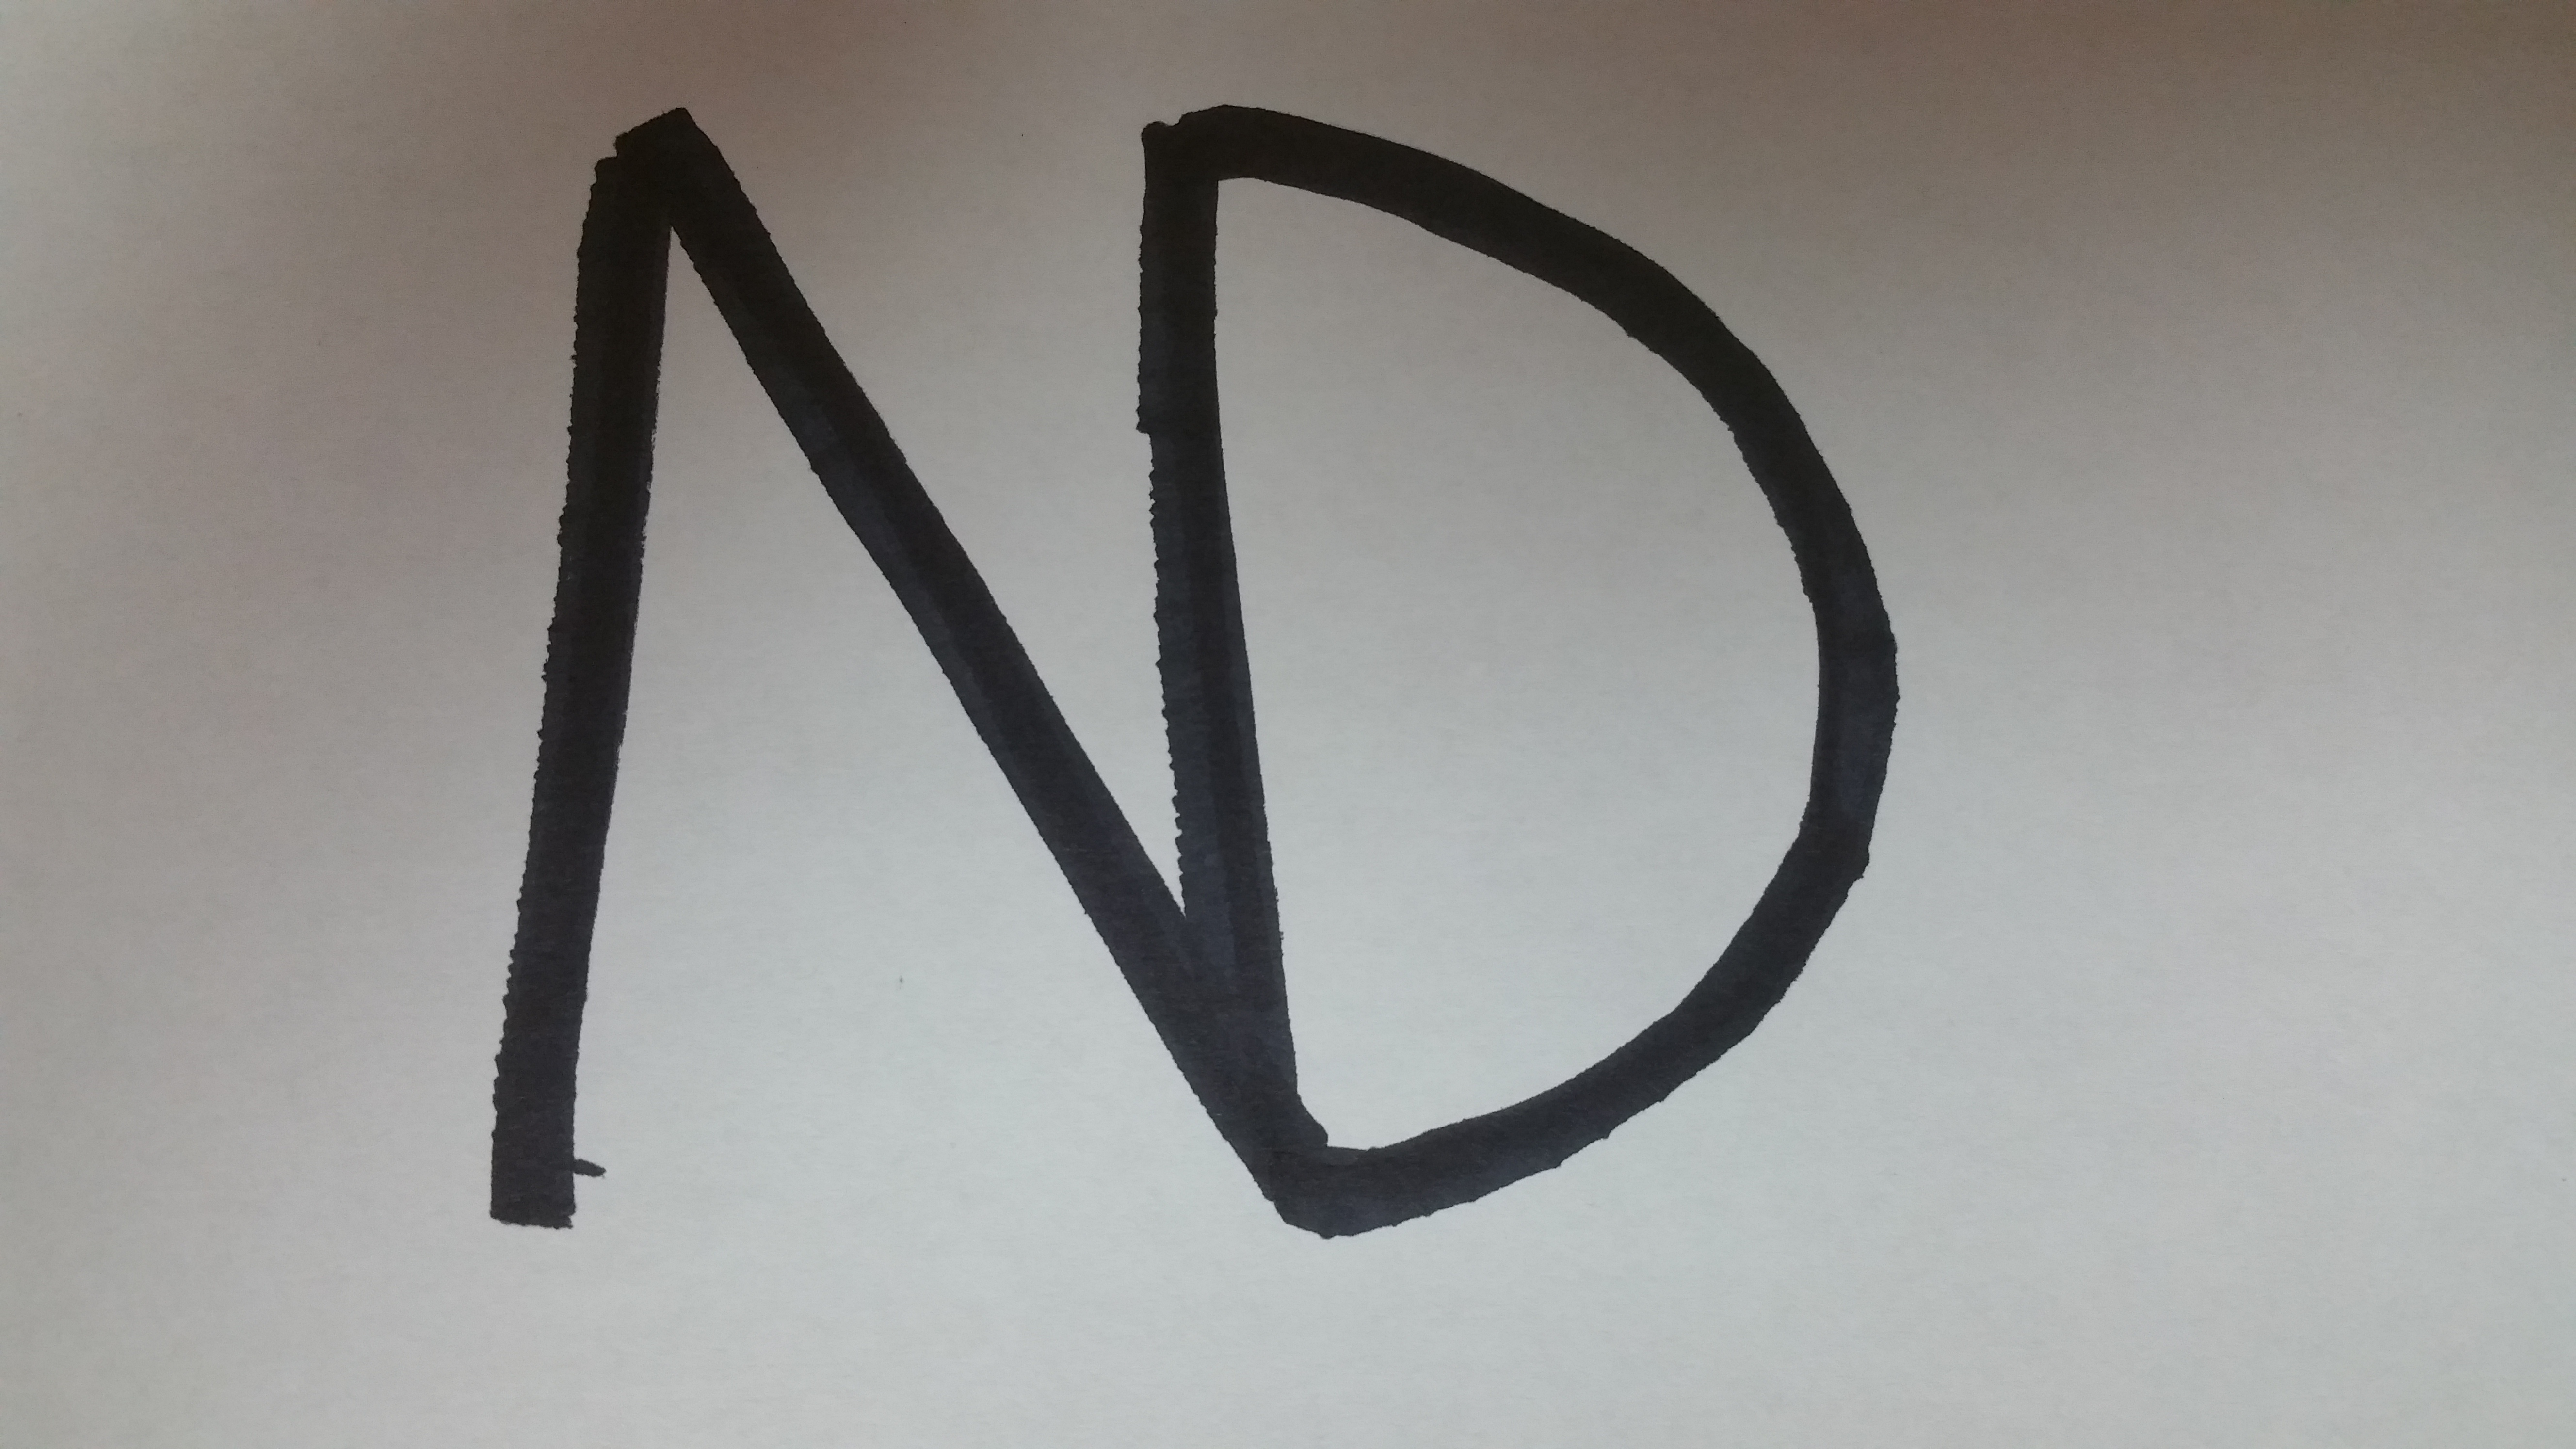 nanette.dorner's Signature